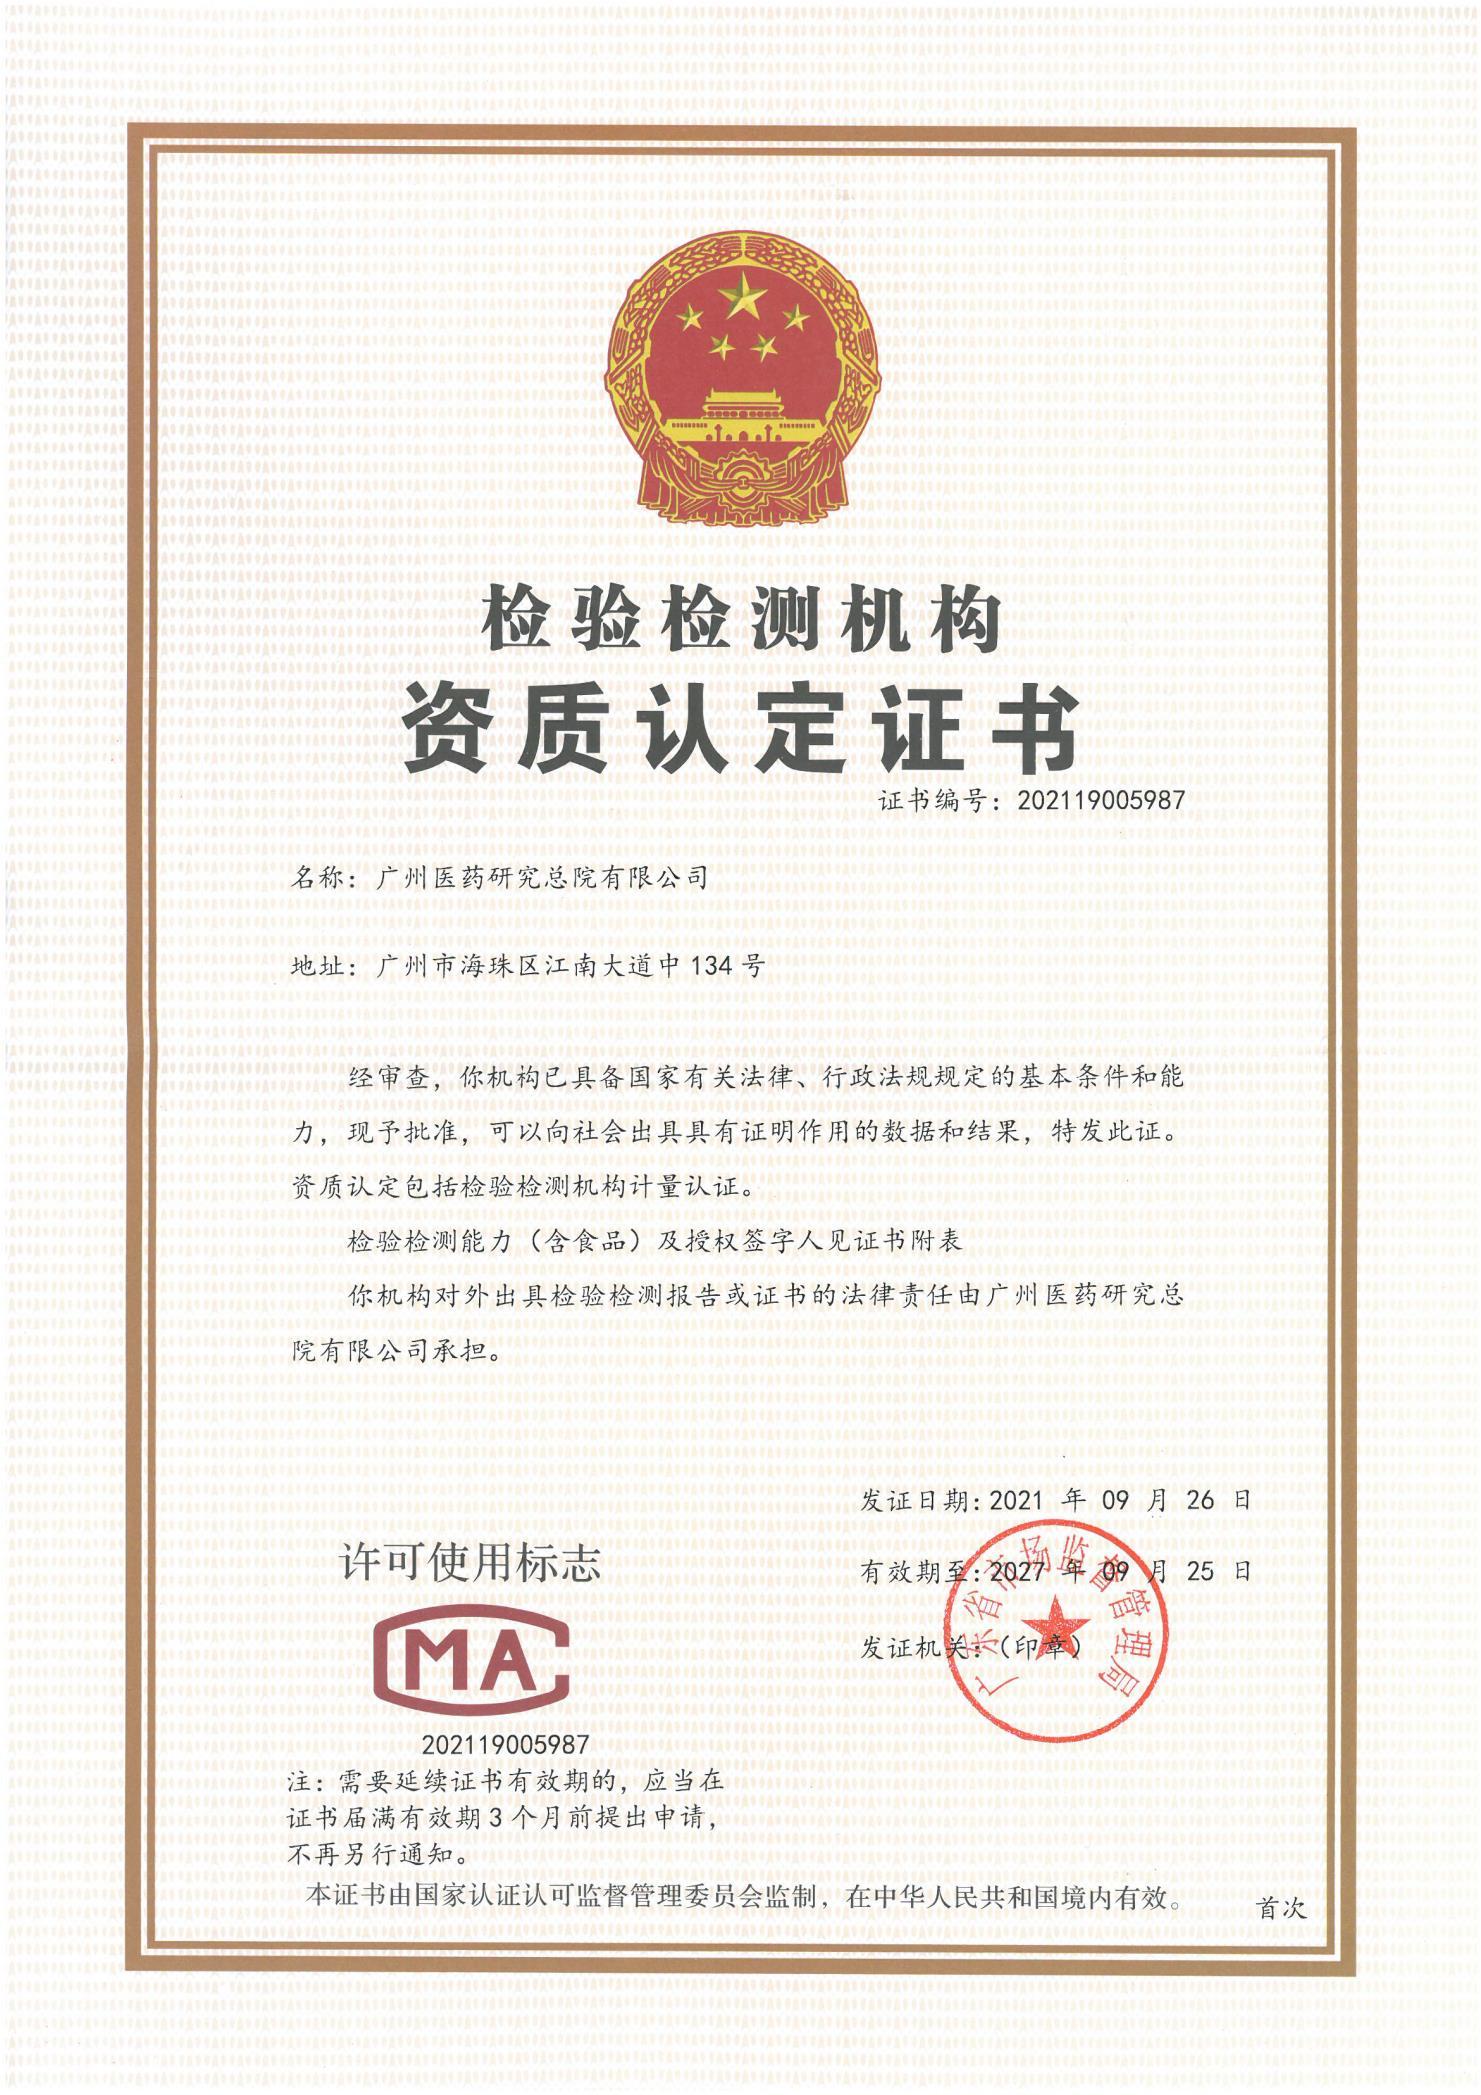 热烈祝贺广药研究总院获得CMA资质认定证书